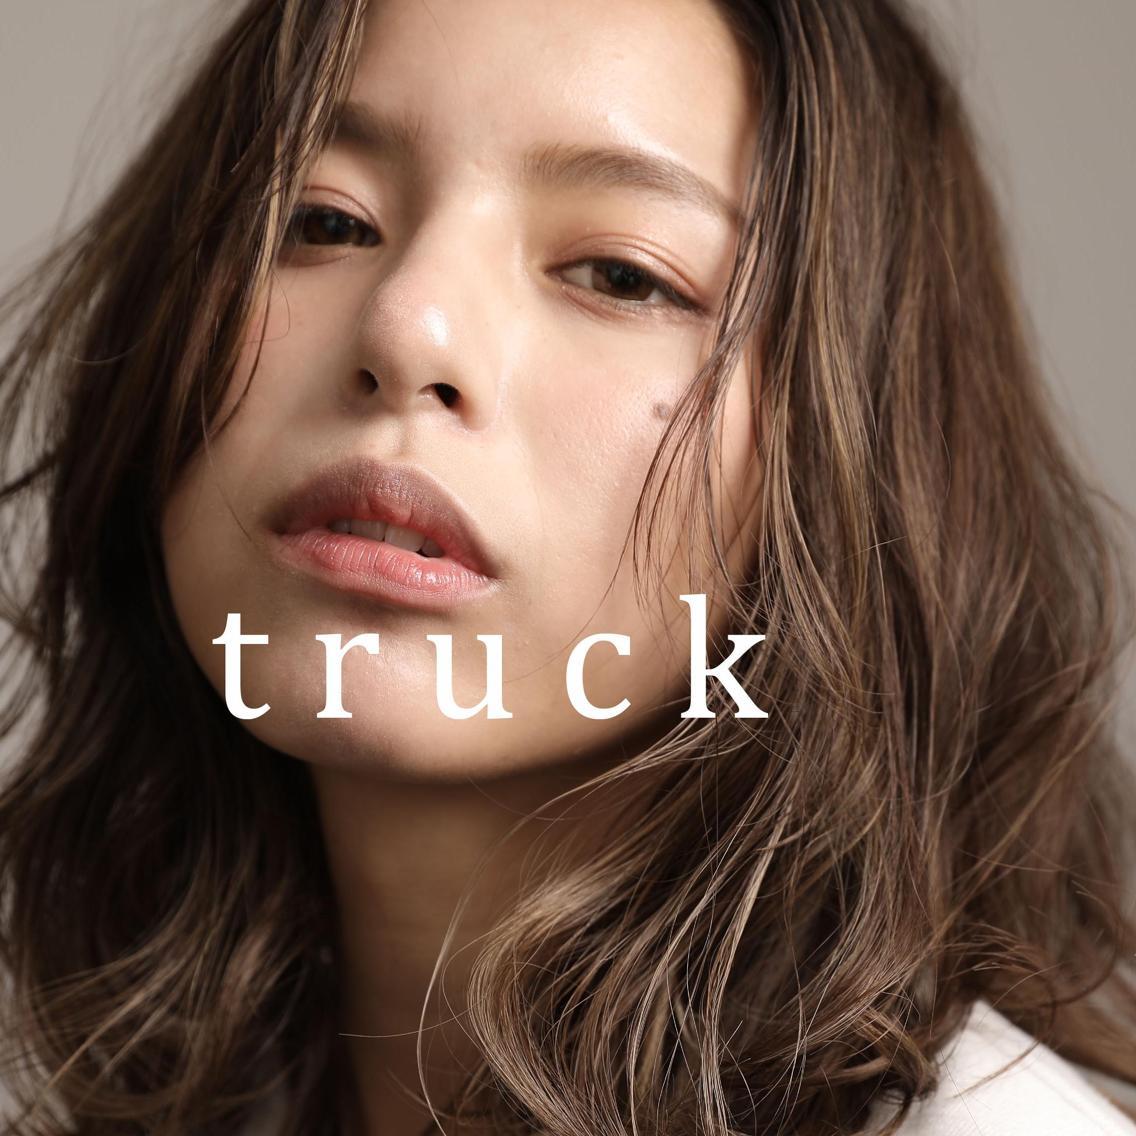 truck 阿倍野店所属・髪質改善 大内翔太の掲載